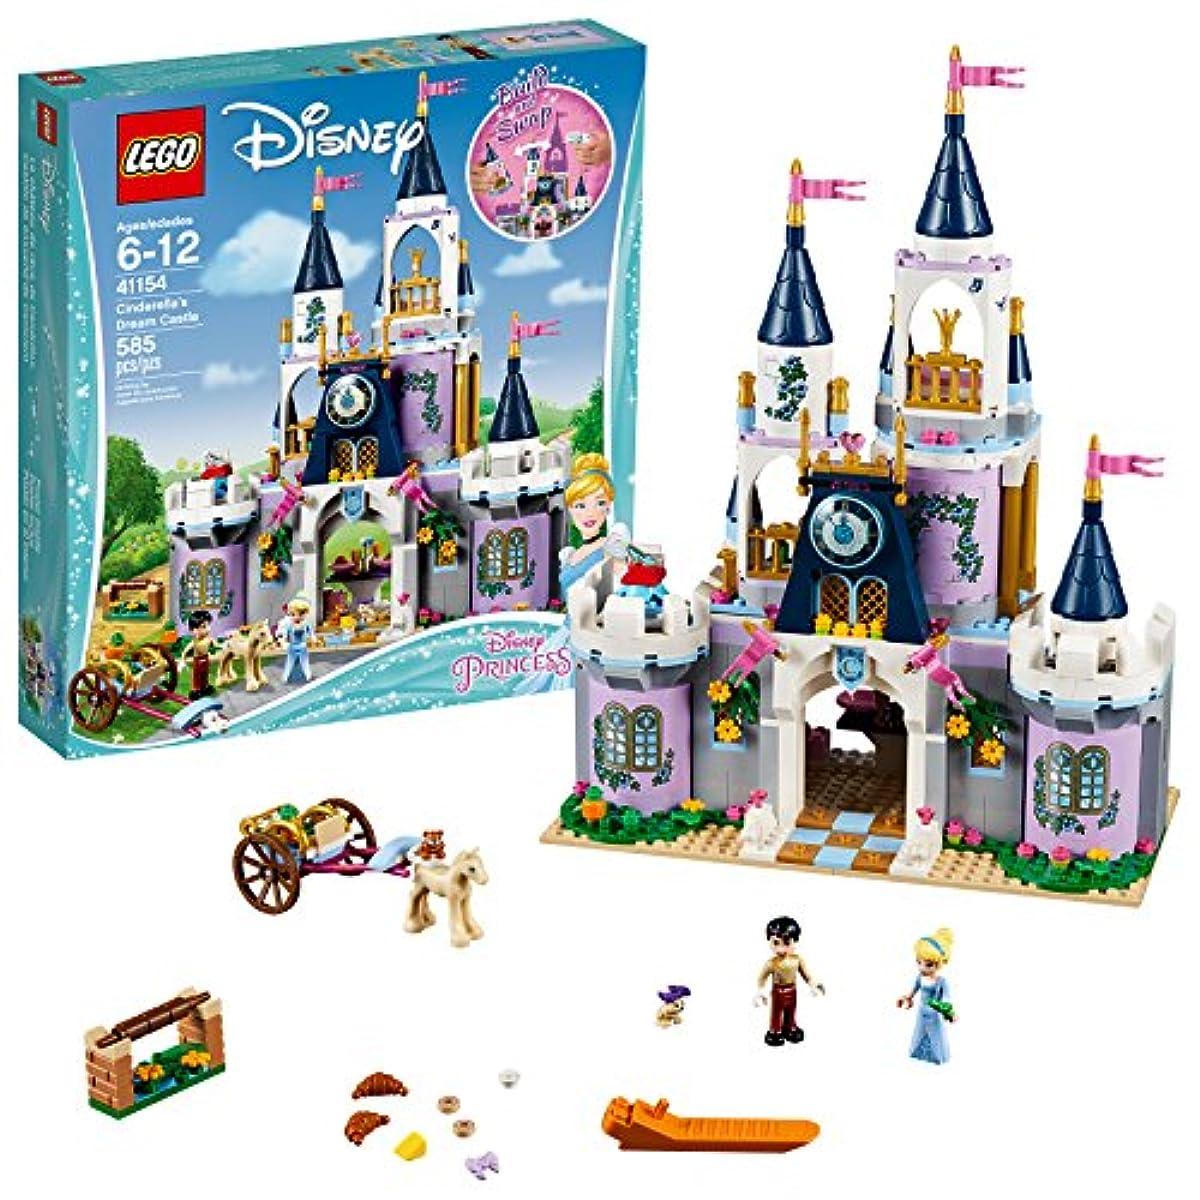 [해외] LEGO DISNEY PRINCESS CINDERELLA'S DREAM CASTLE 41154 BUILDING KIT (585 PIECE)